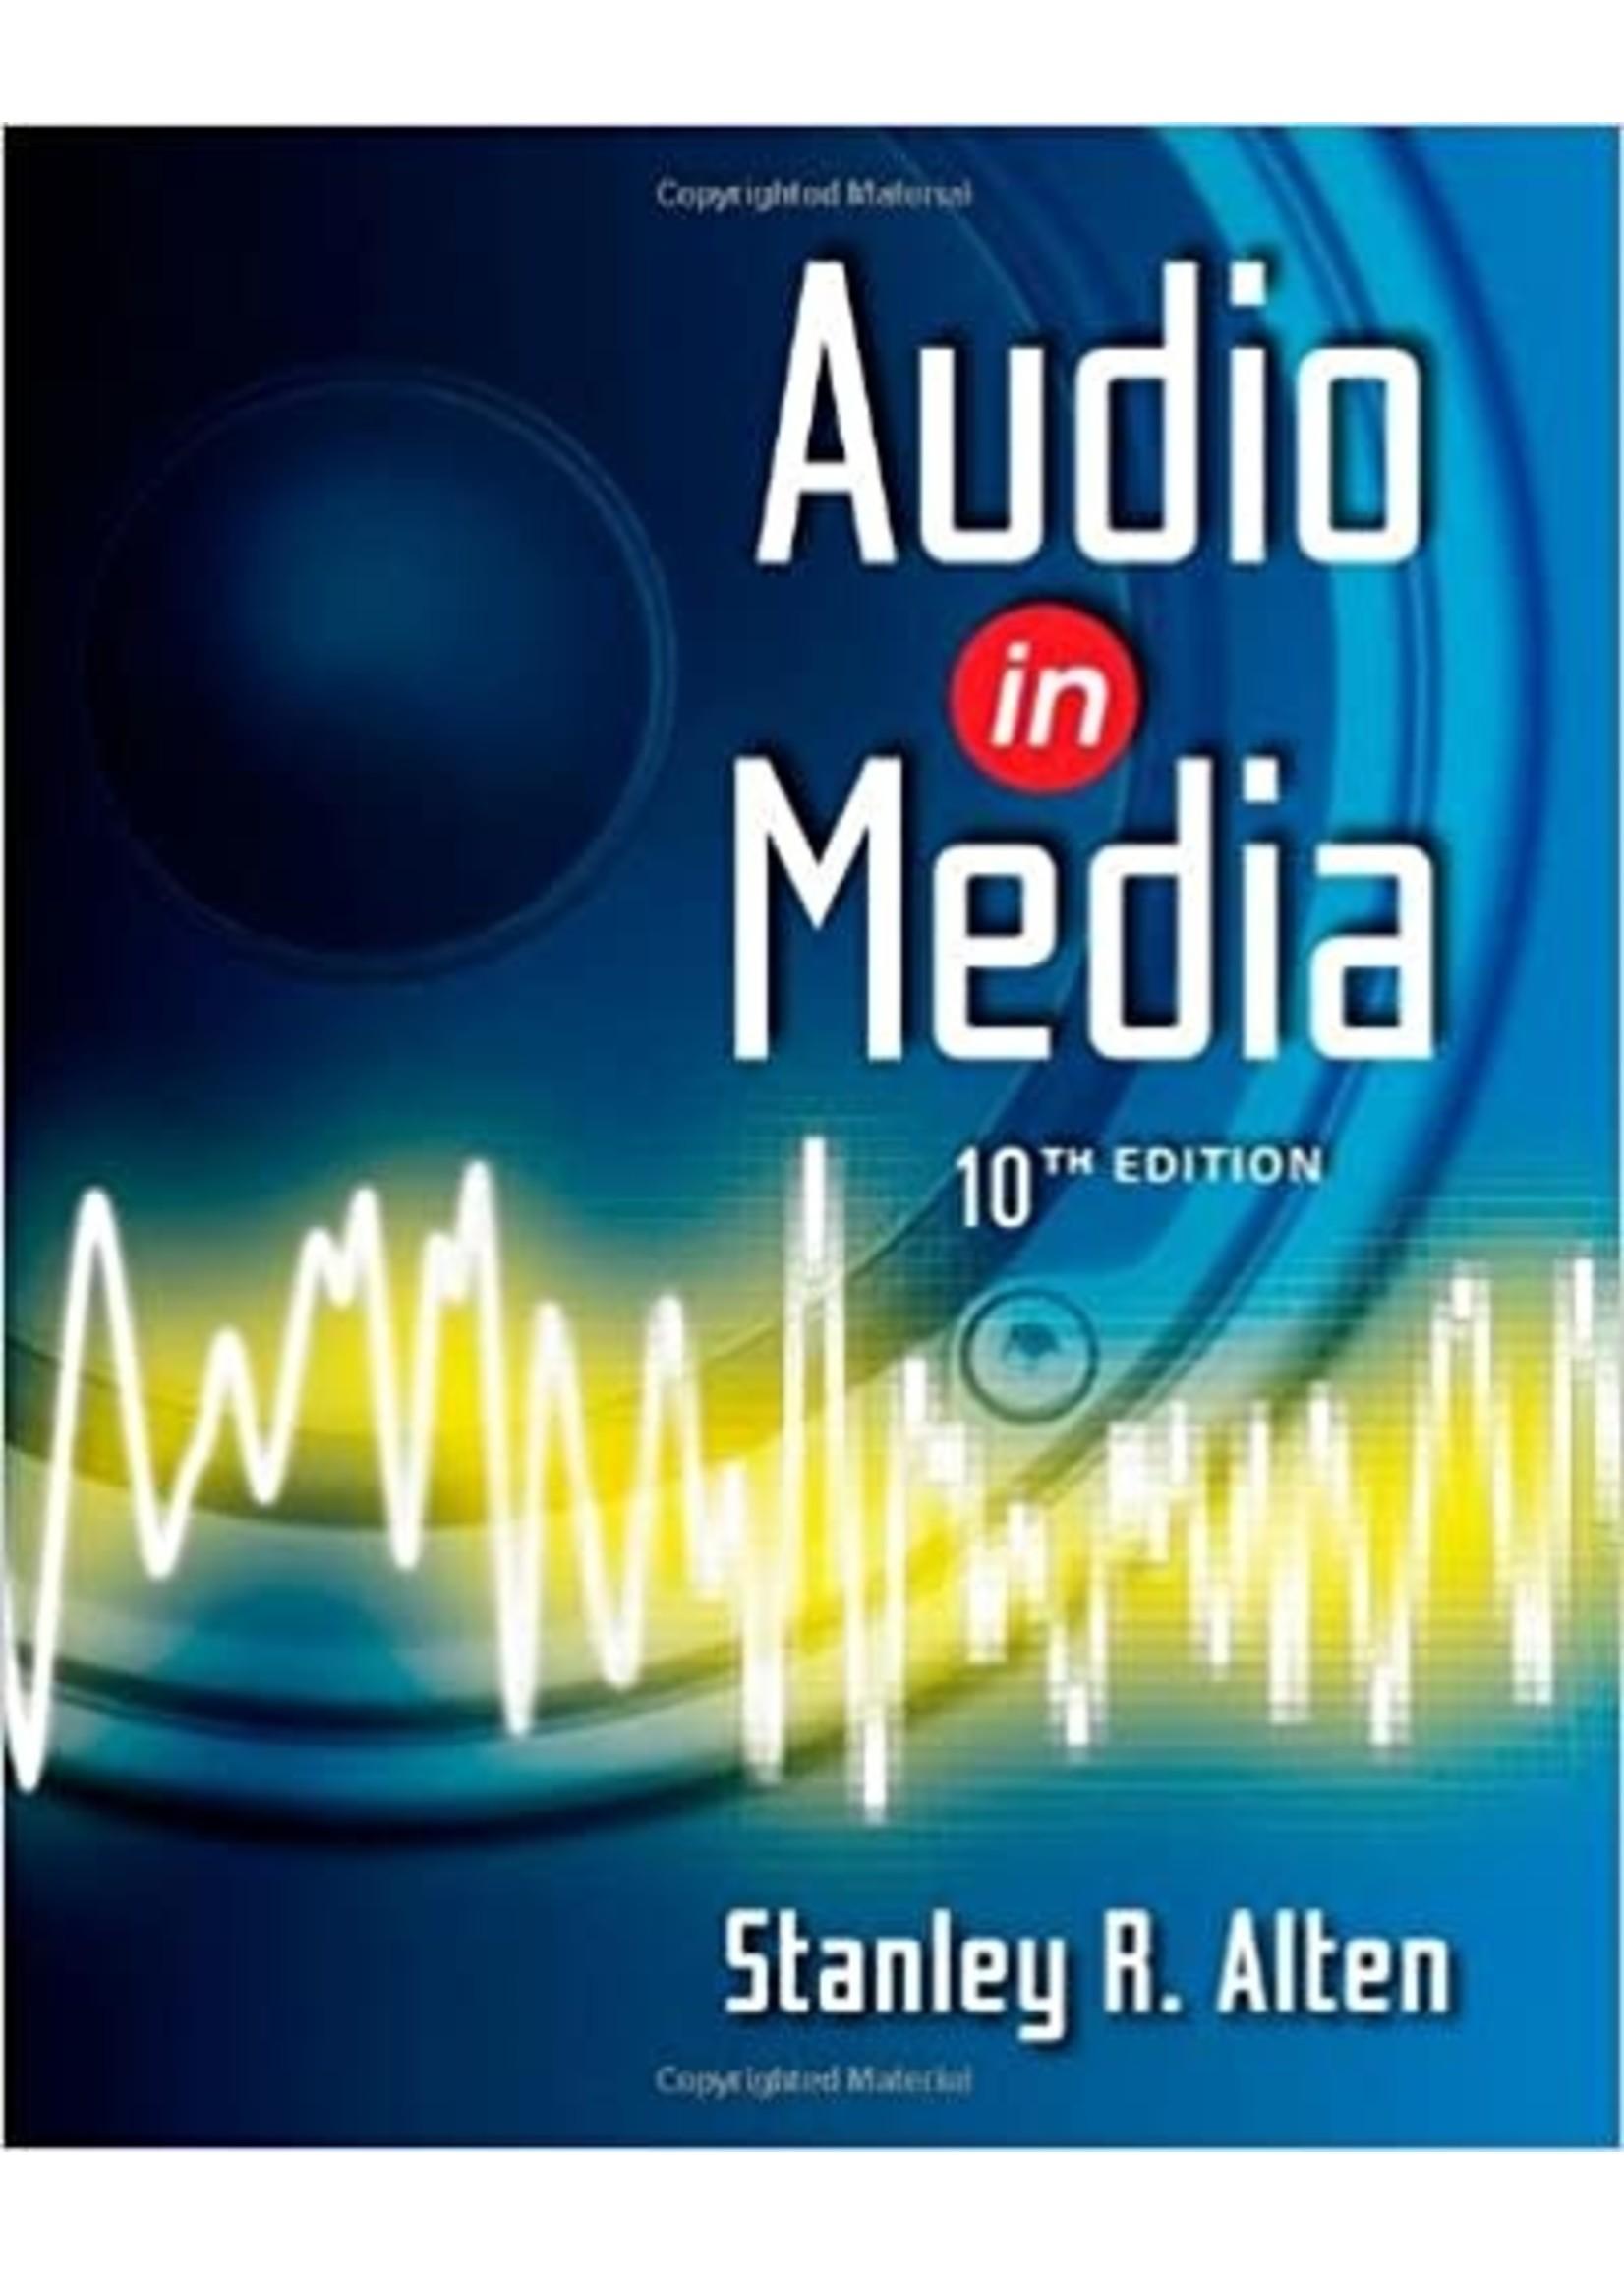 MC412 AUDIO IN MEDIA